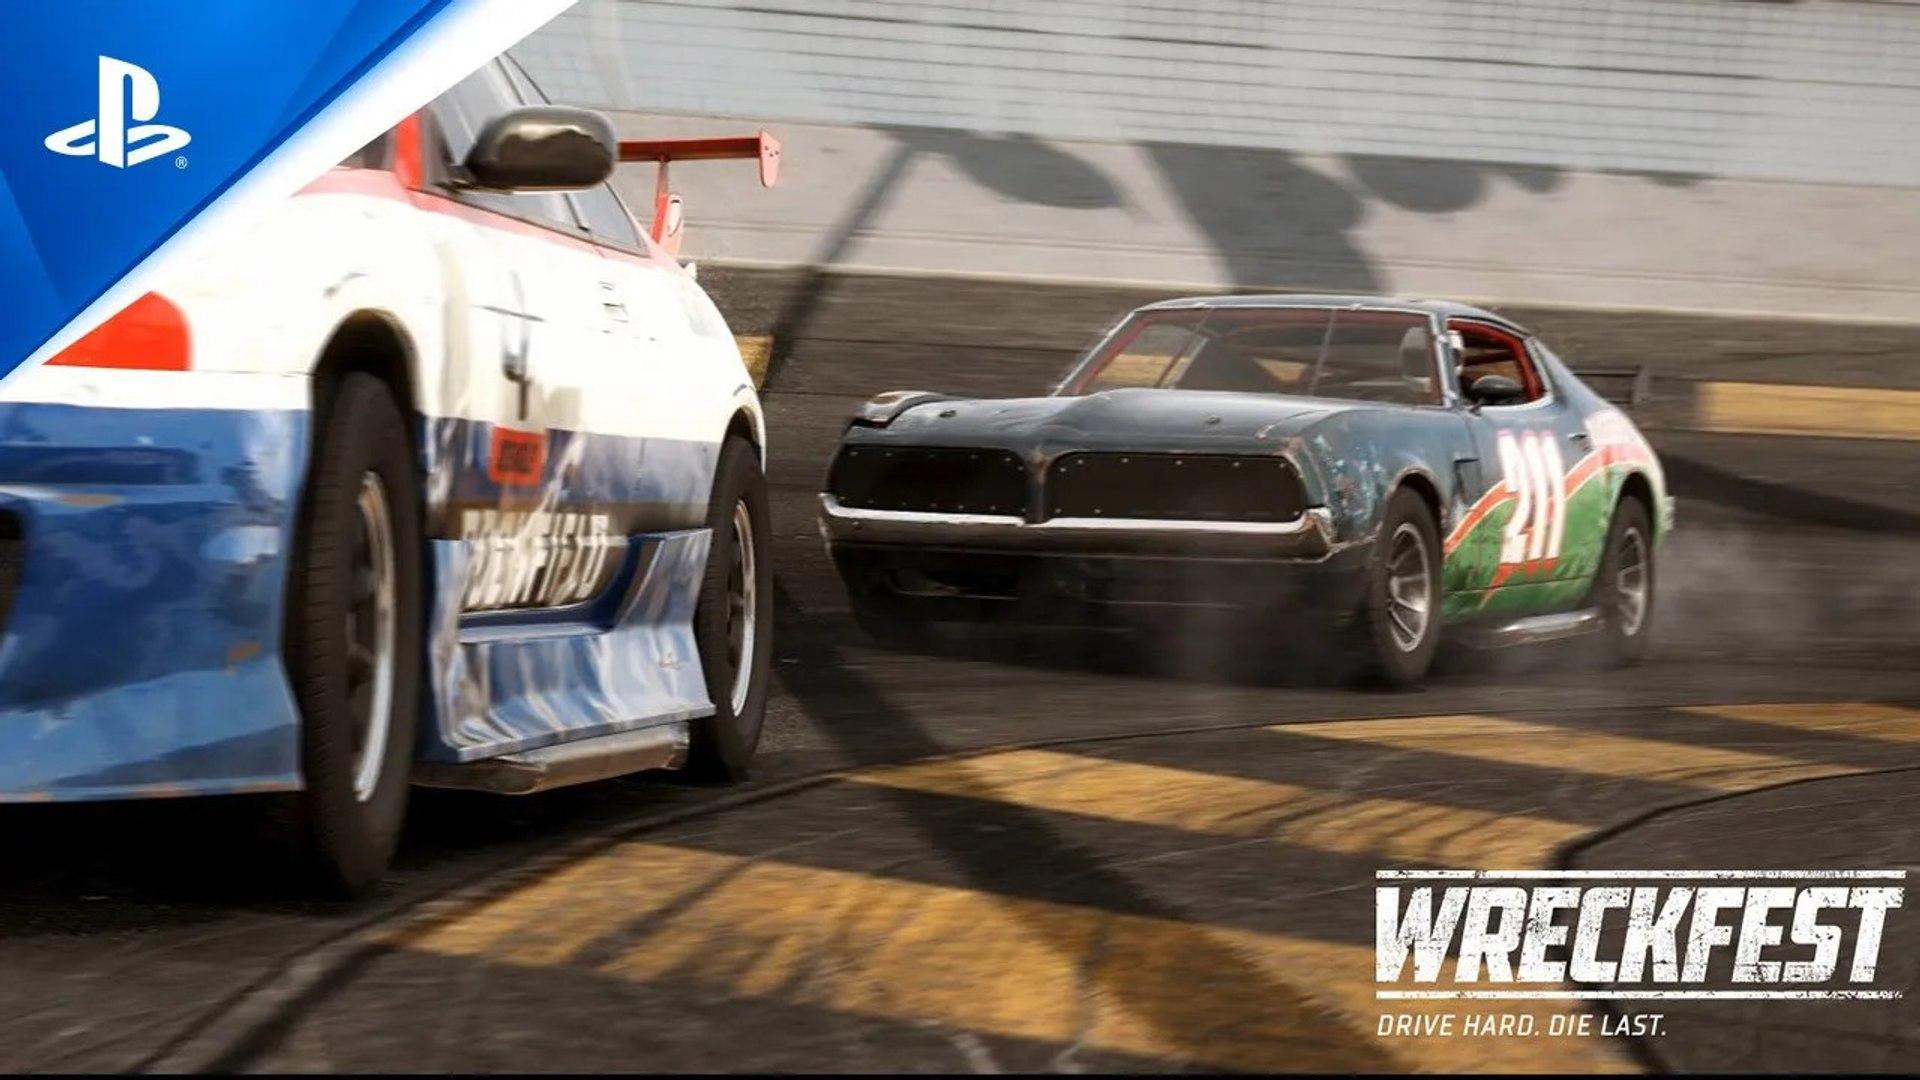 Wreckfest - Teaser Trailer | PS5